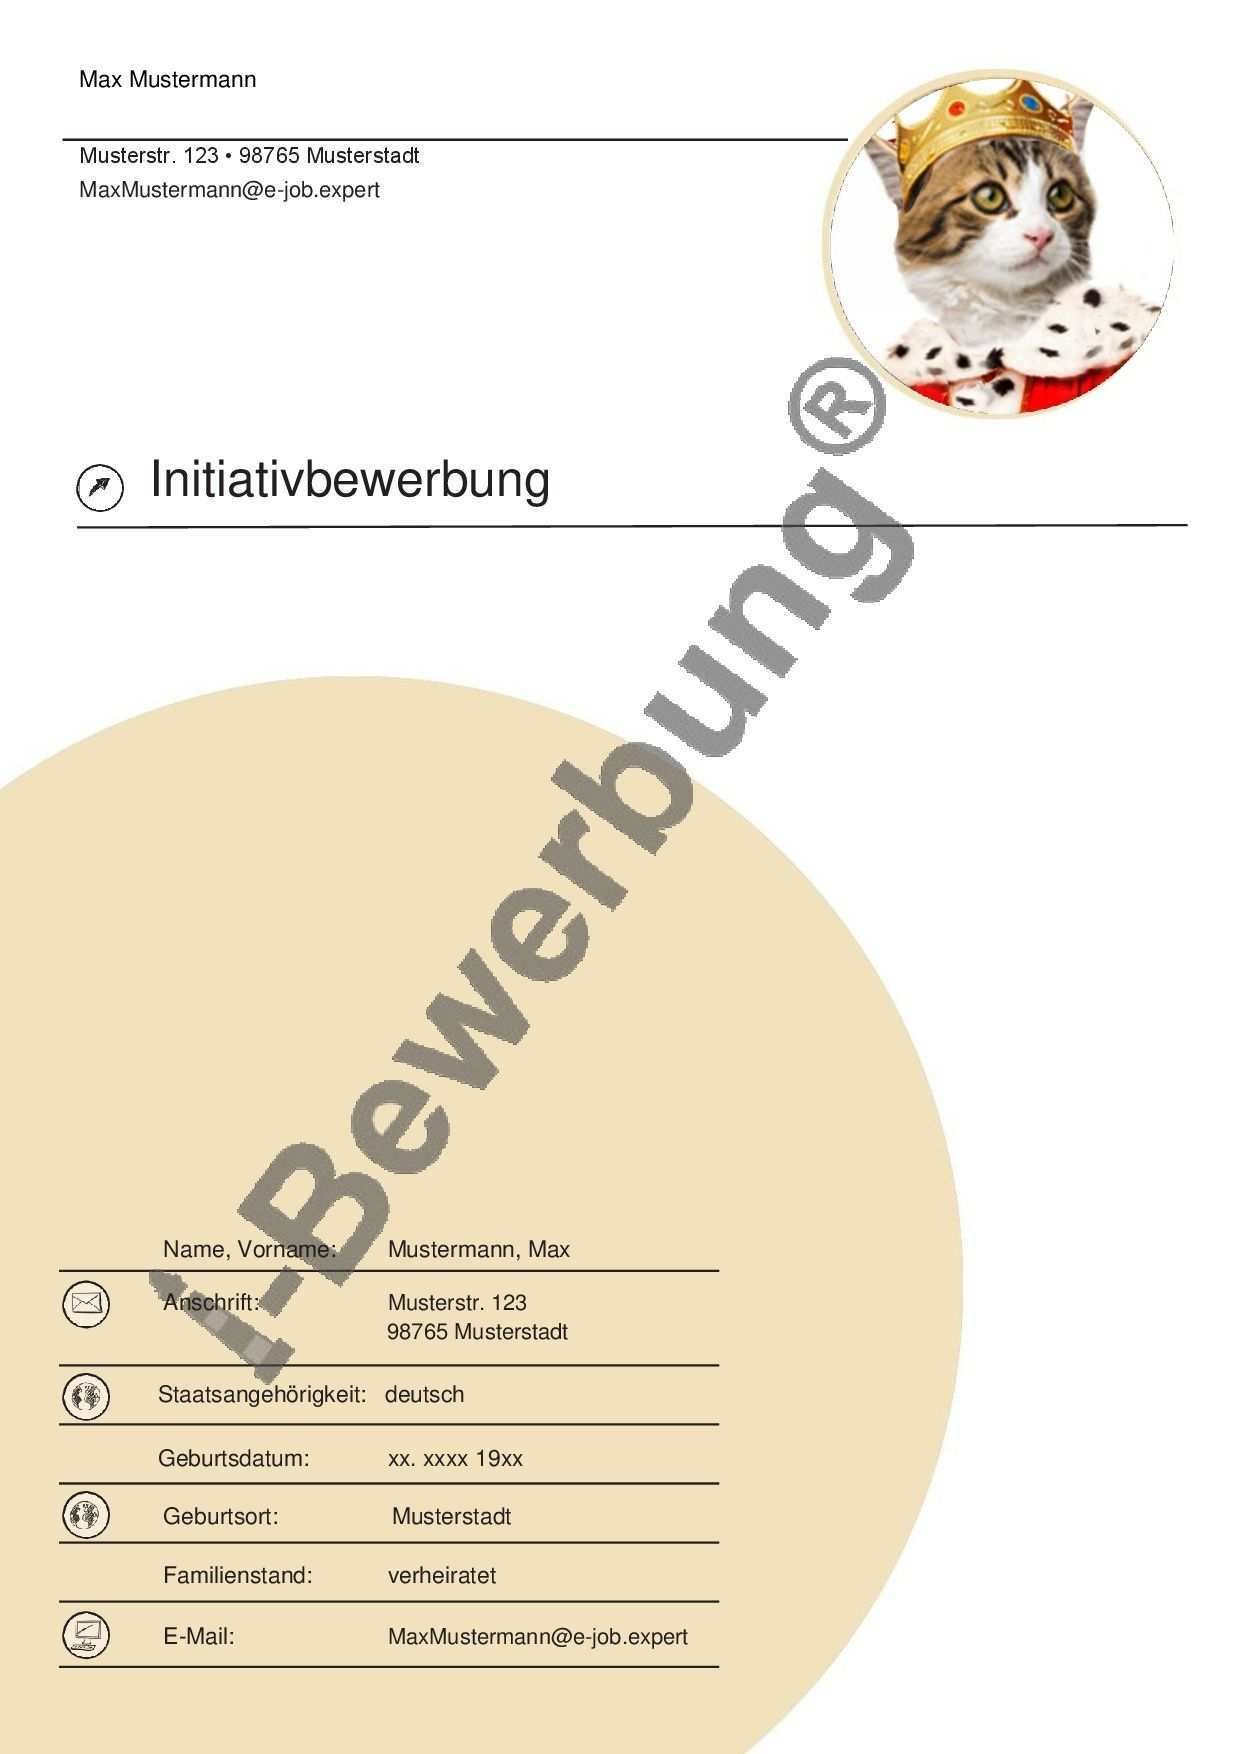 Das Deckblatt Zu Ihrer Initiativbewerbung Muster 561 Deckblatt Vorlage Deckblatt Bewerbung